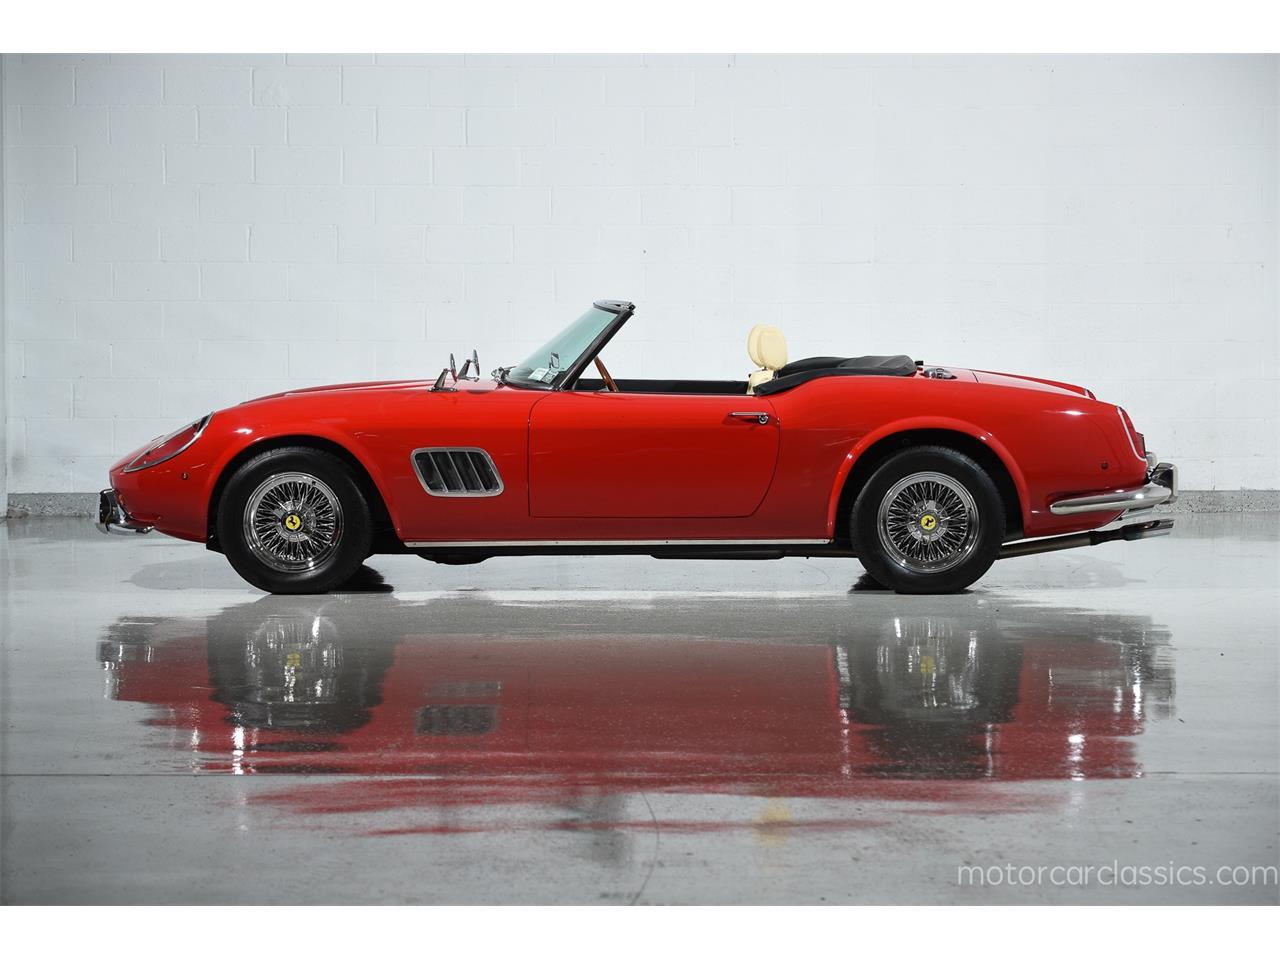 1962 Ferrari 250 GT California Spyder SWB (CC-1209280) for sale in Farmingdale, New York